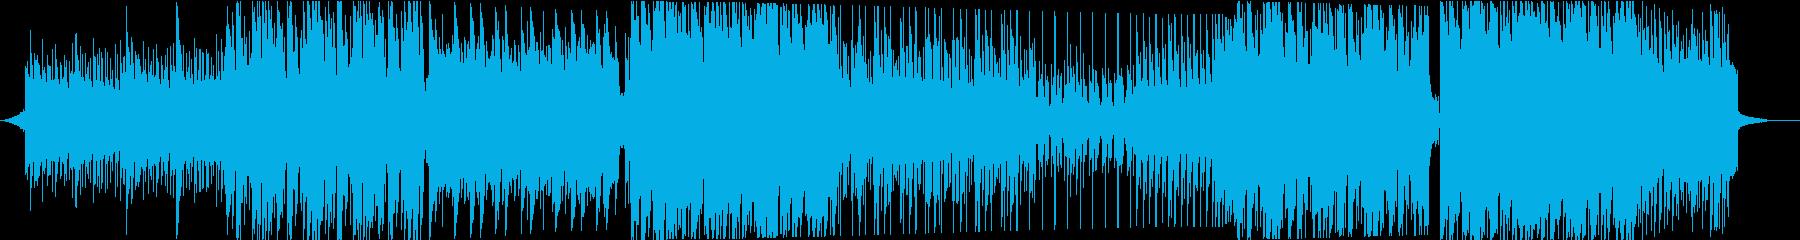 トラップ ヒップホップ スタイリッ...の再生済みの波形